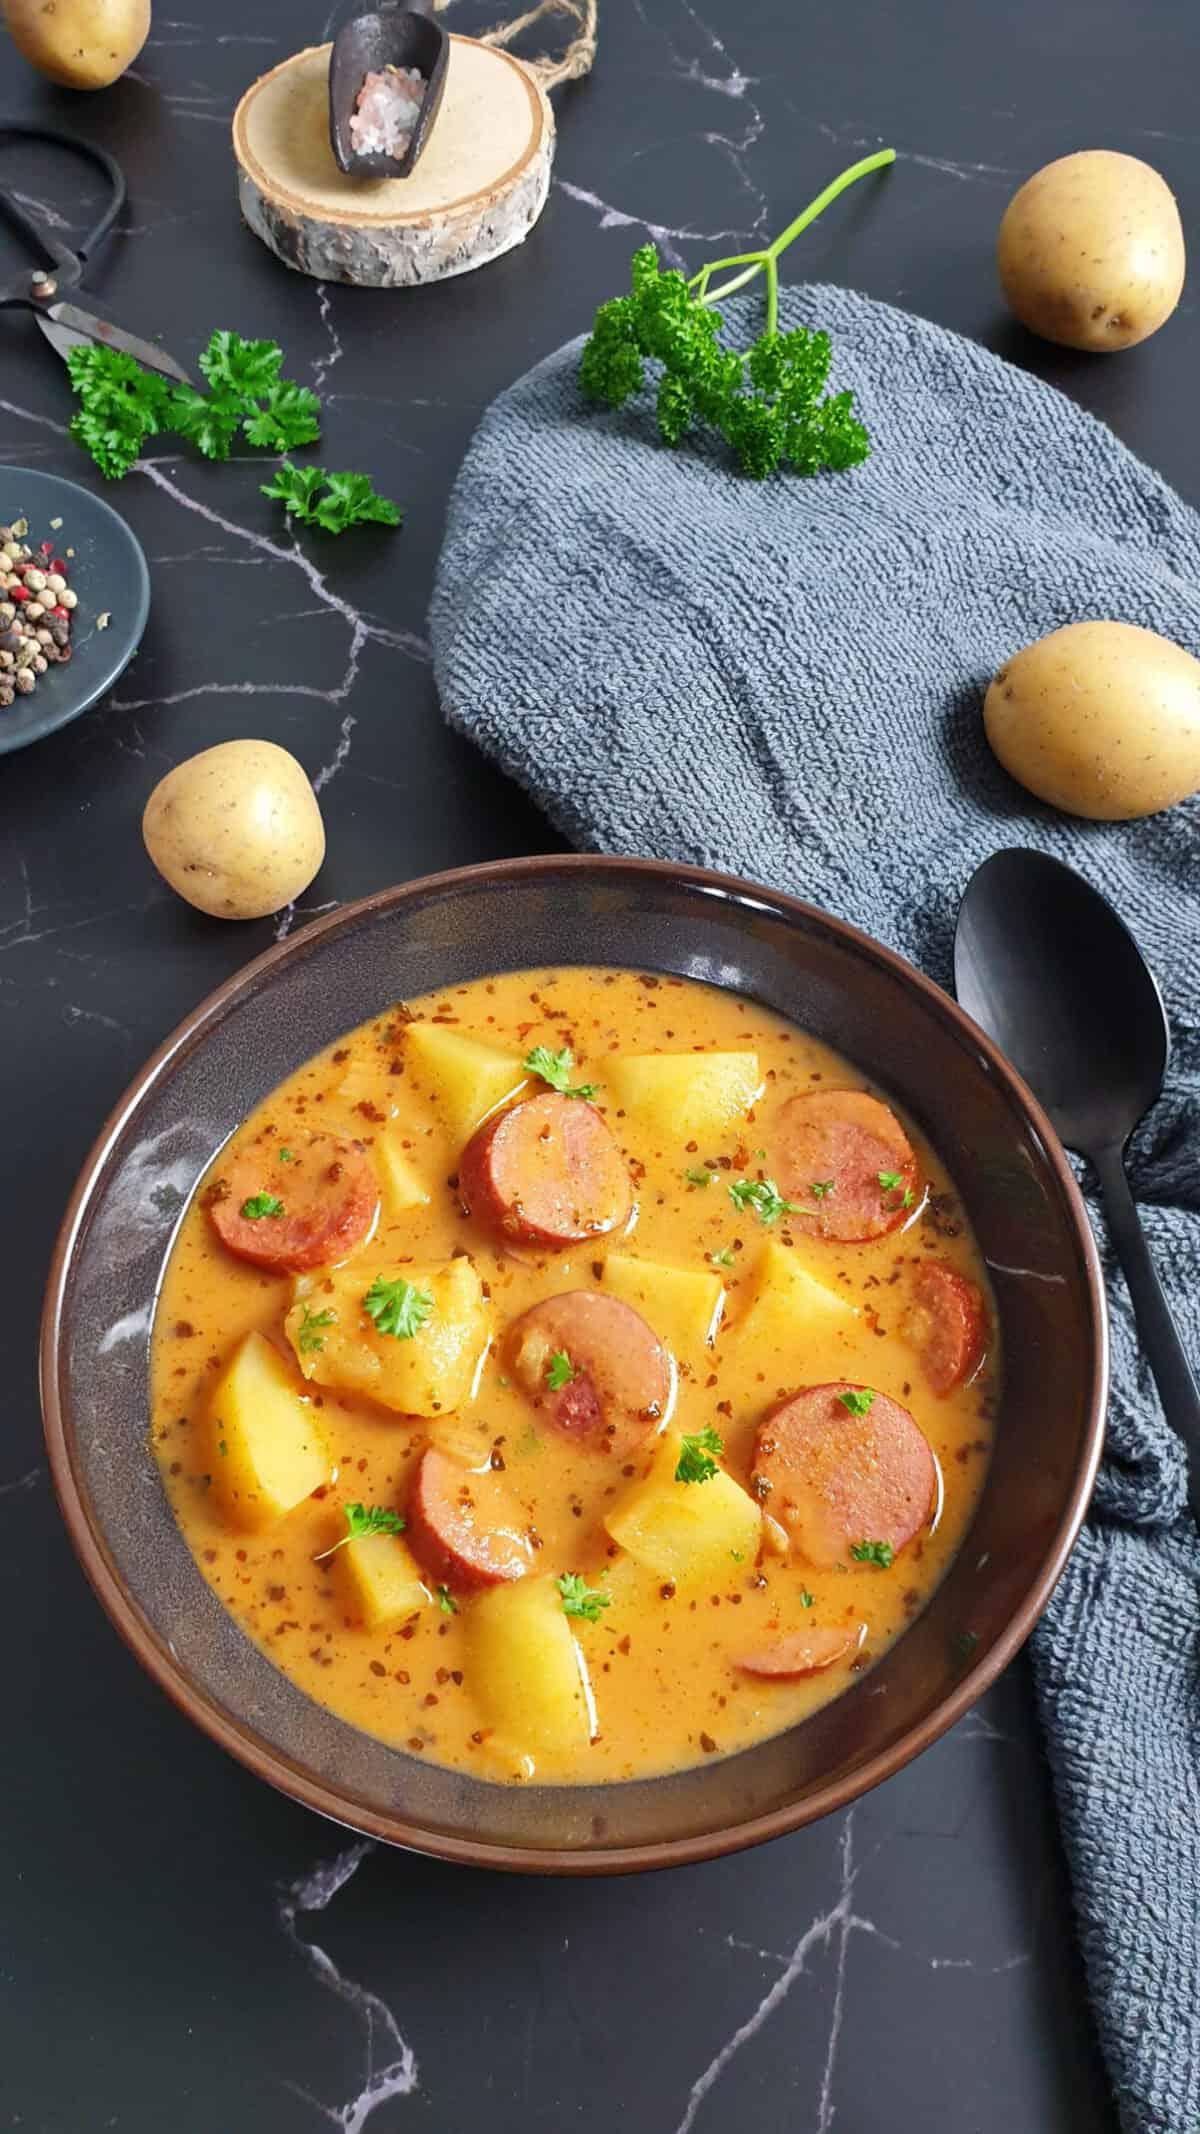 In einer braunen Schale Kartoffel-Gulasch mit Würstchen. Bestreut mit frischer Petersilie. Im Hintergrund Deko.